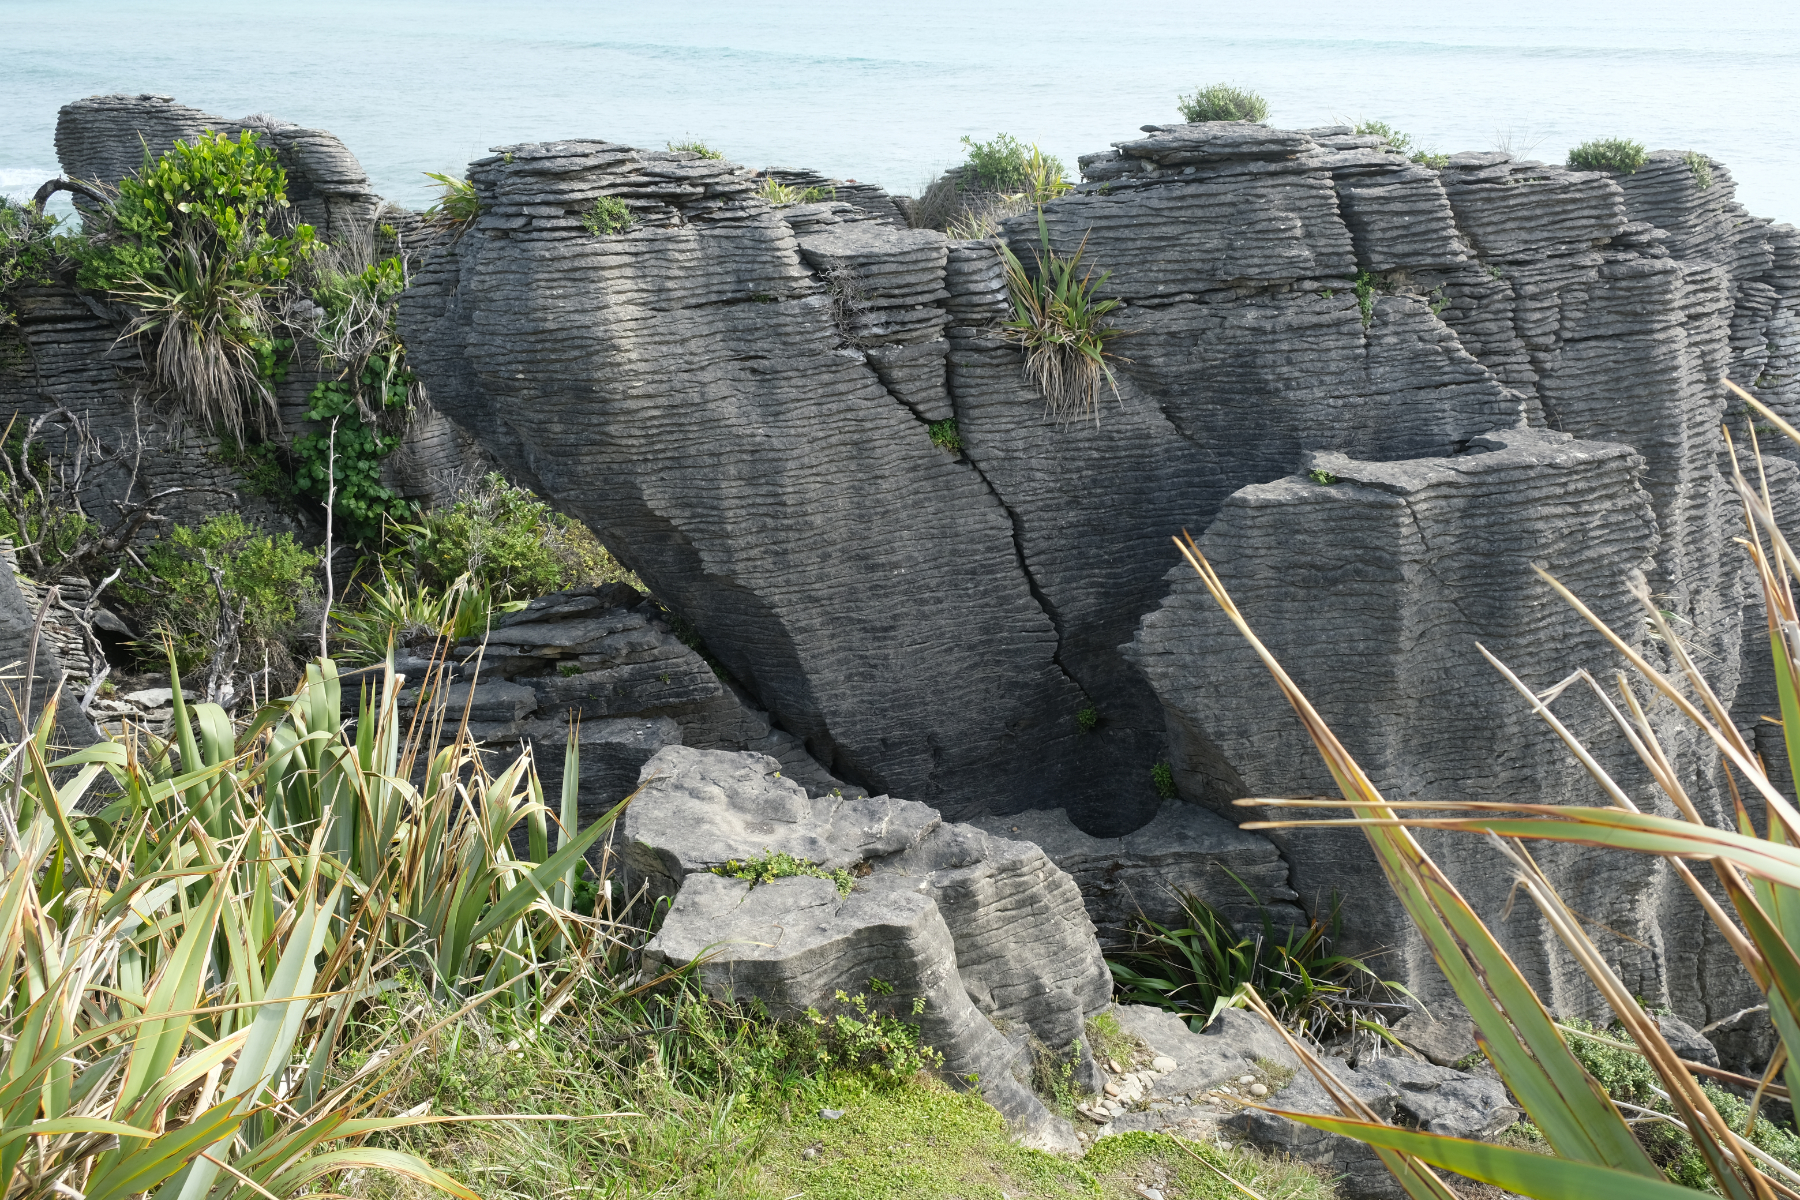 Pan Cake Rocks